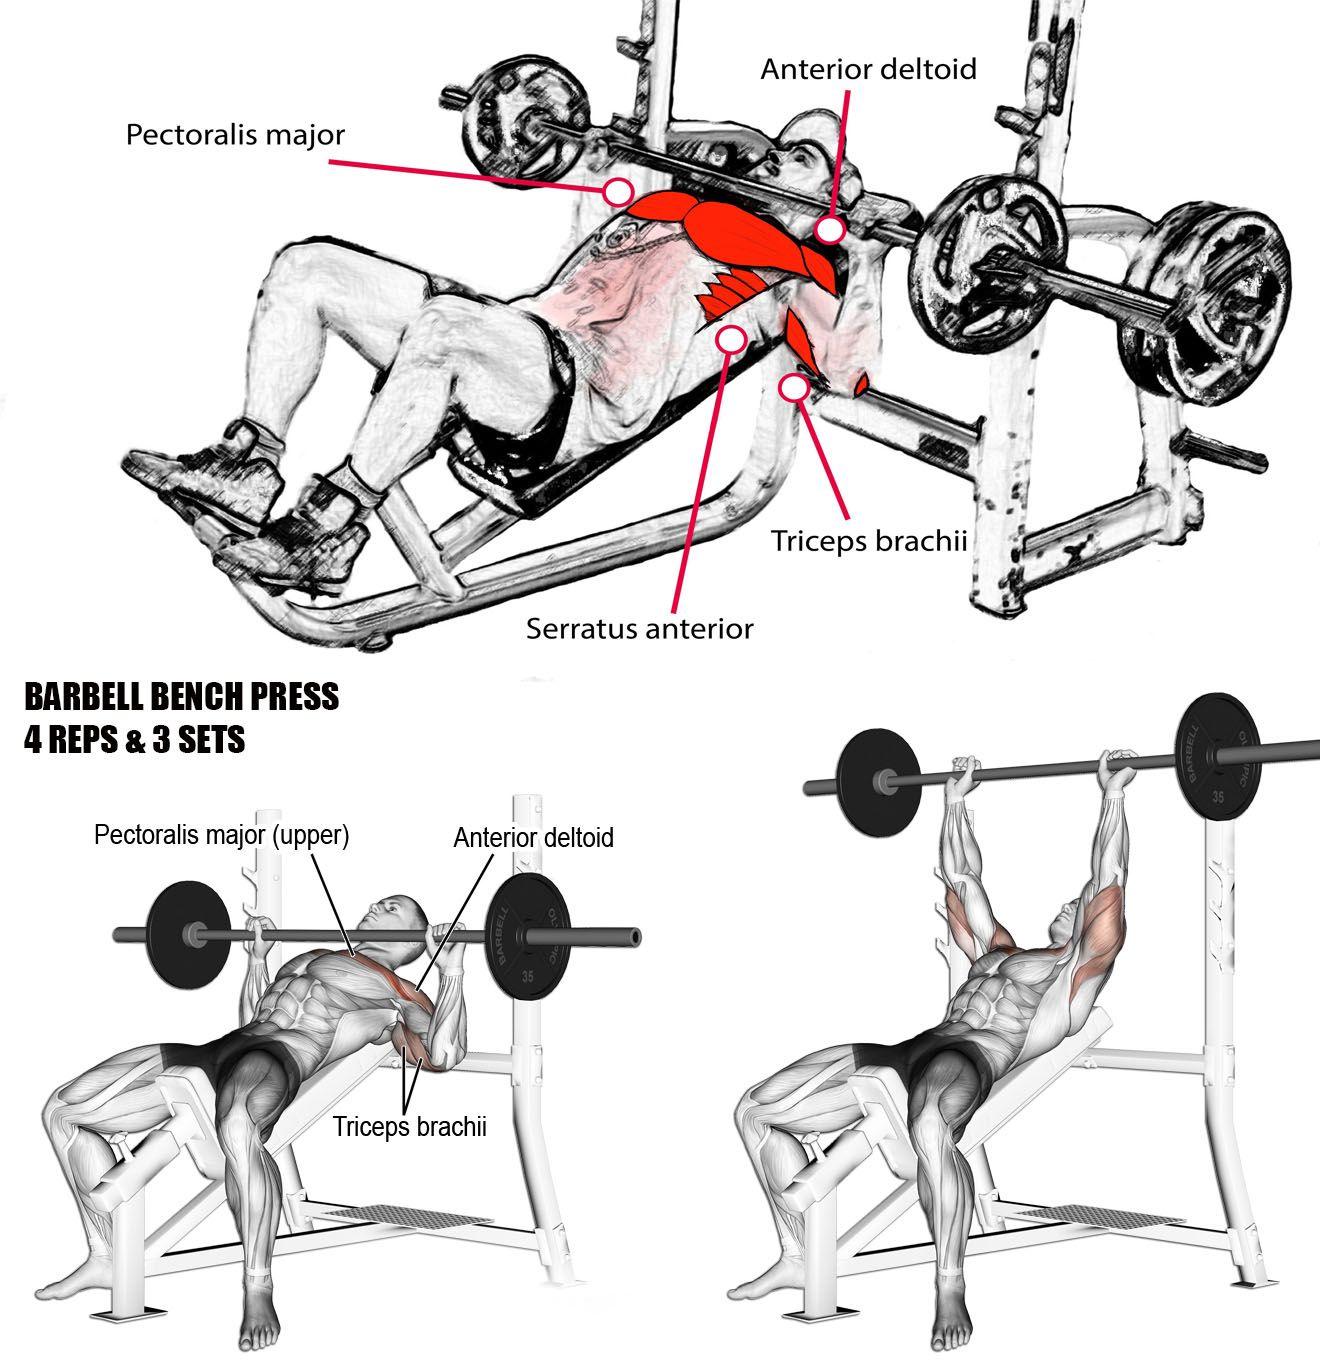 Groovy Bench Press Barbell Dumbbell Sport And Exercise Short Links Chair Design For Home Short Linksinfo